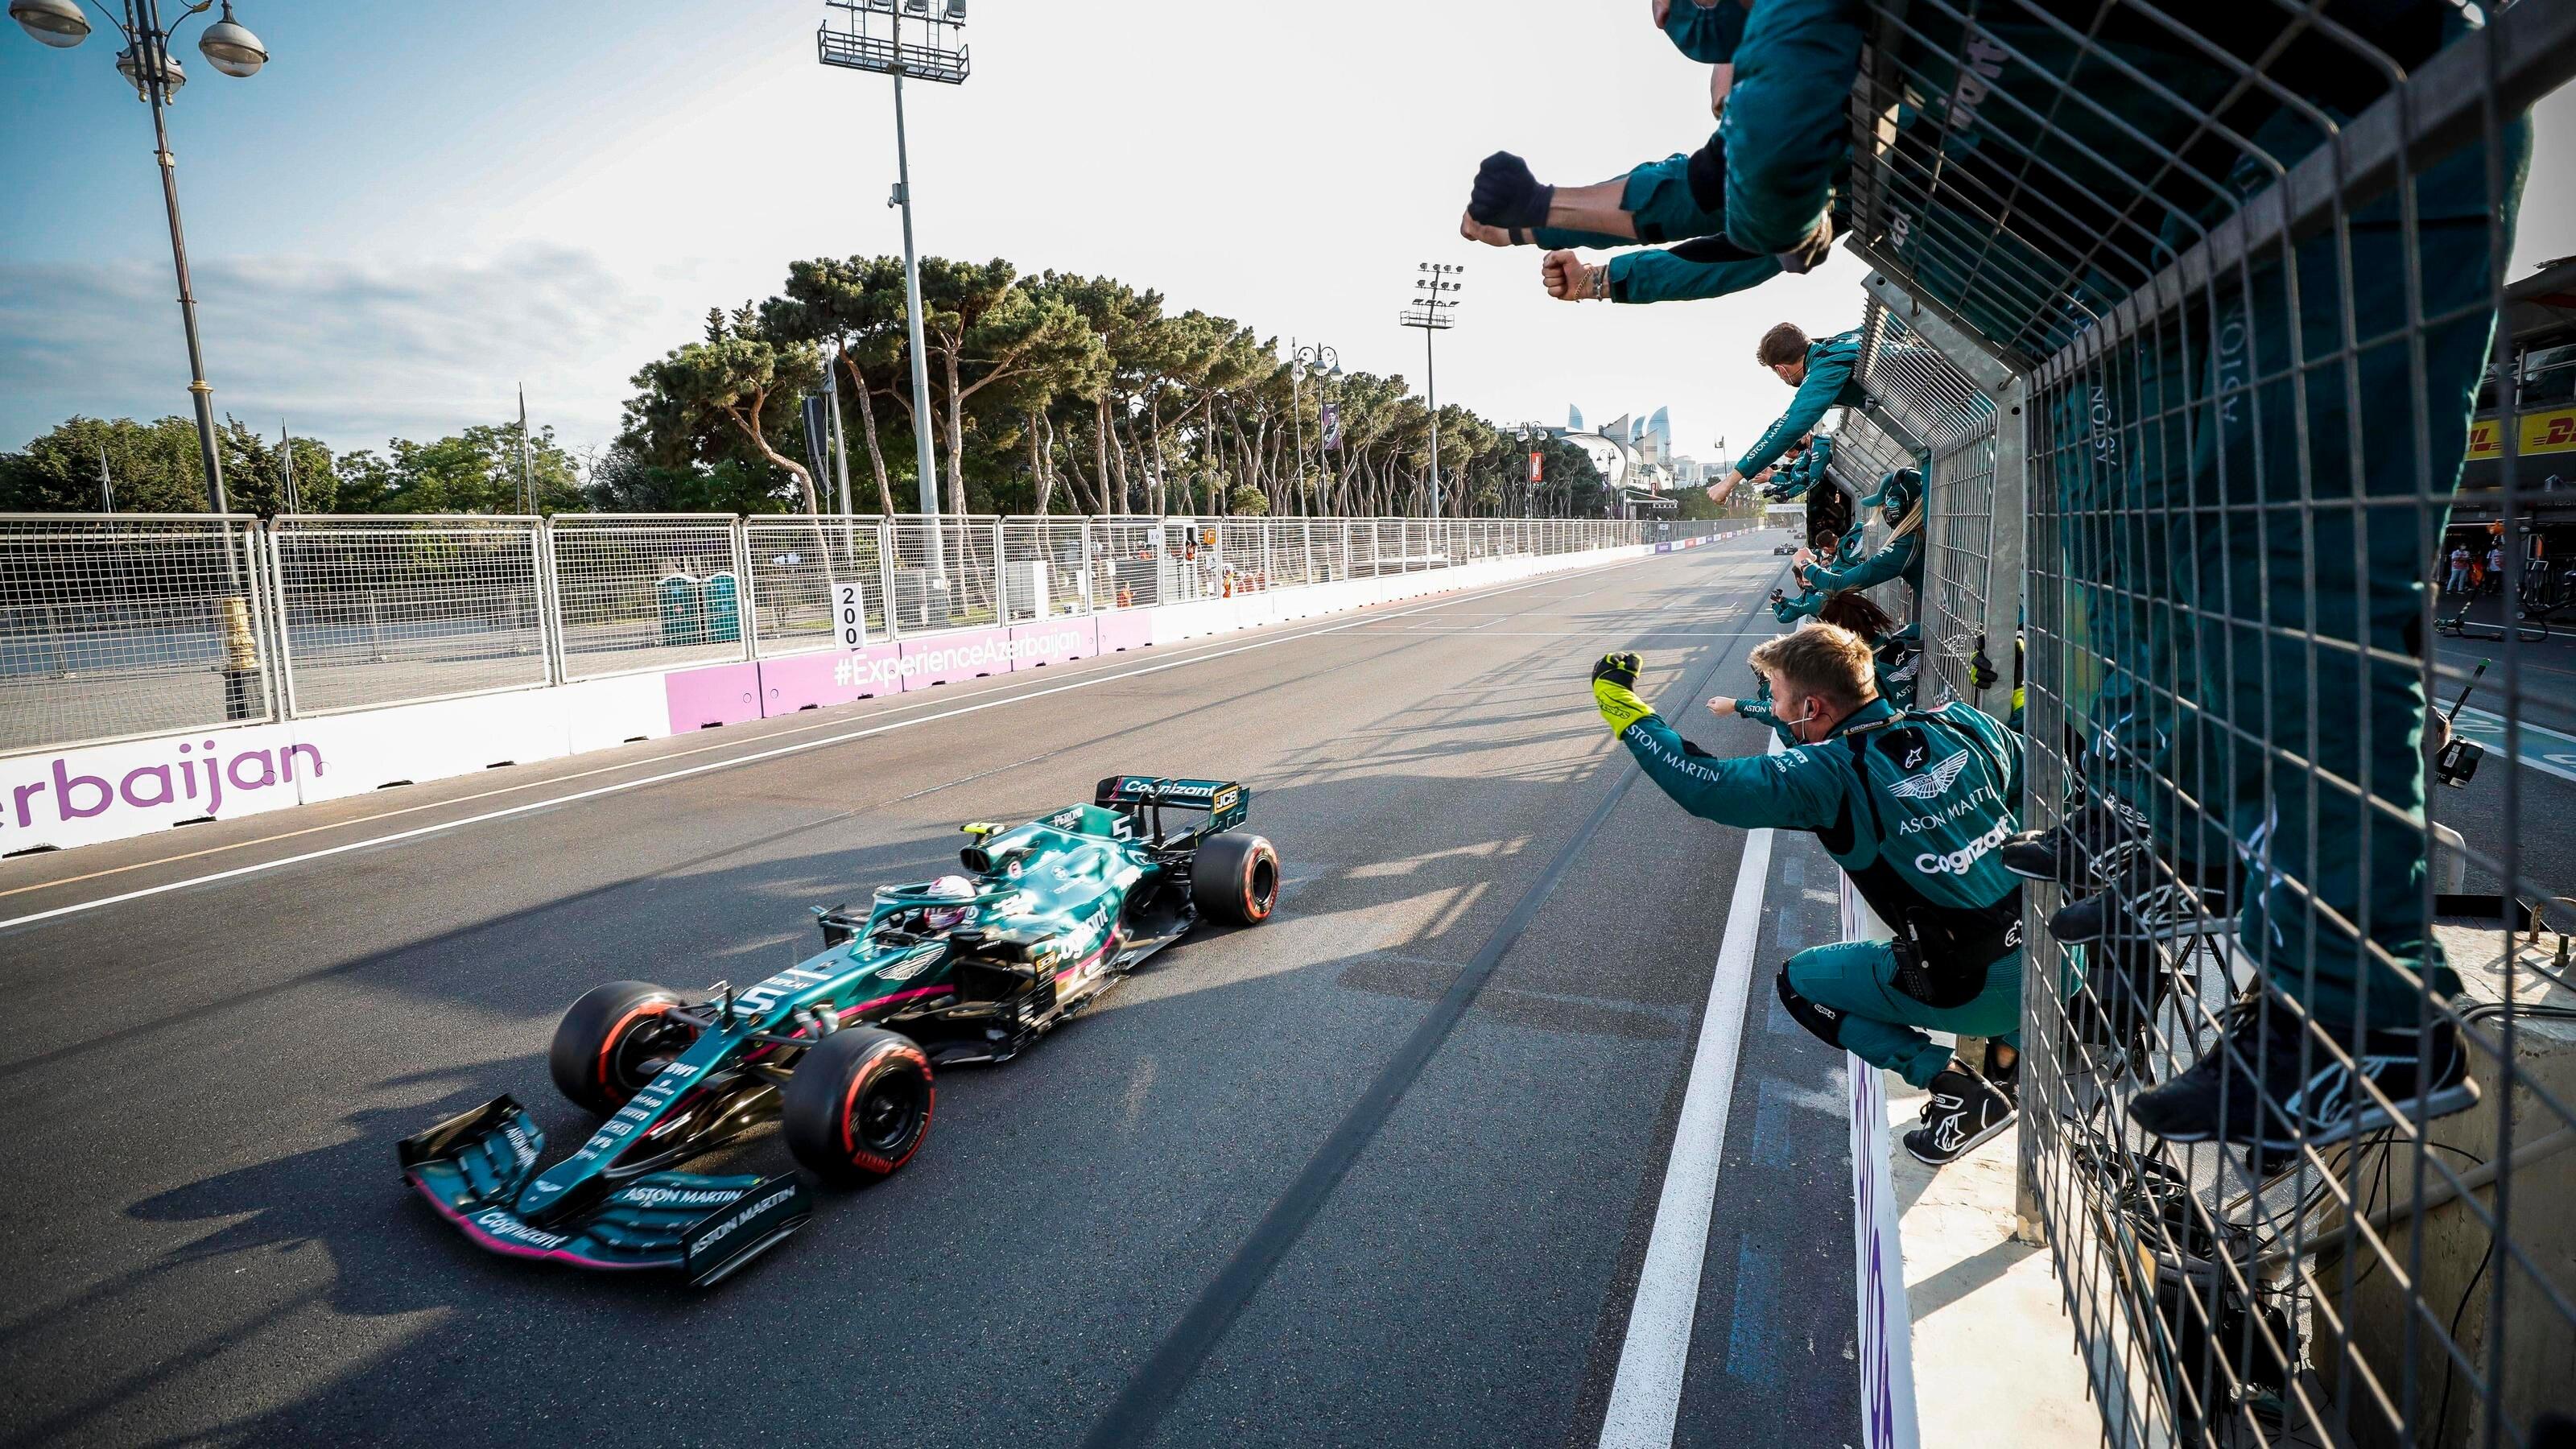 Formula 1 2021: Azerbaijan GP BAKU CITY CIRCUIT, AZERBAIJAN - JUNE 06: Sebastian Vettel, Aston Martin AMR21, 2nd positi